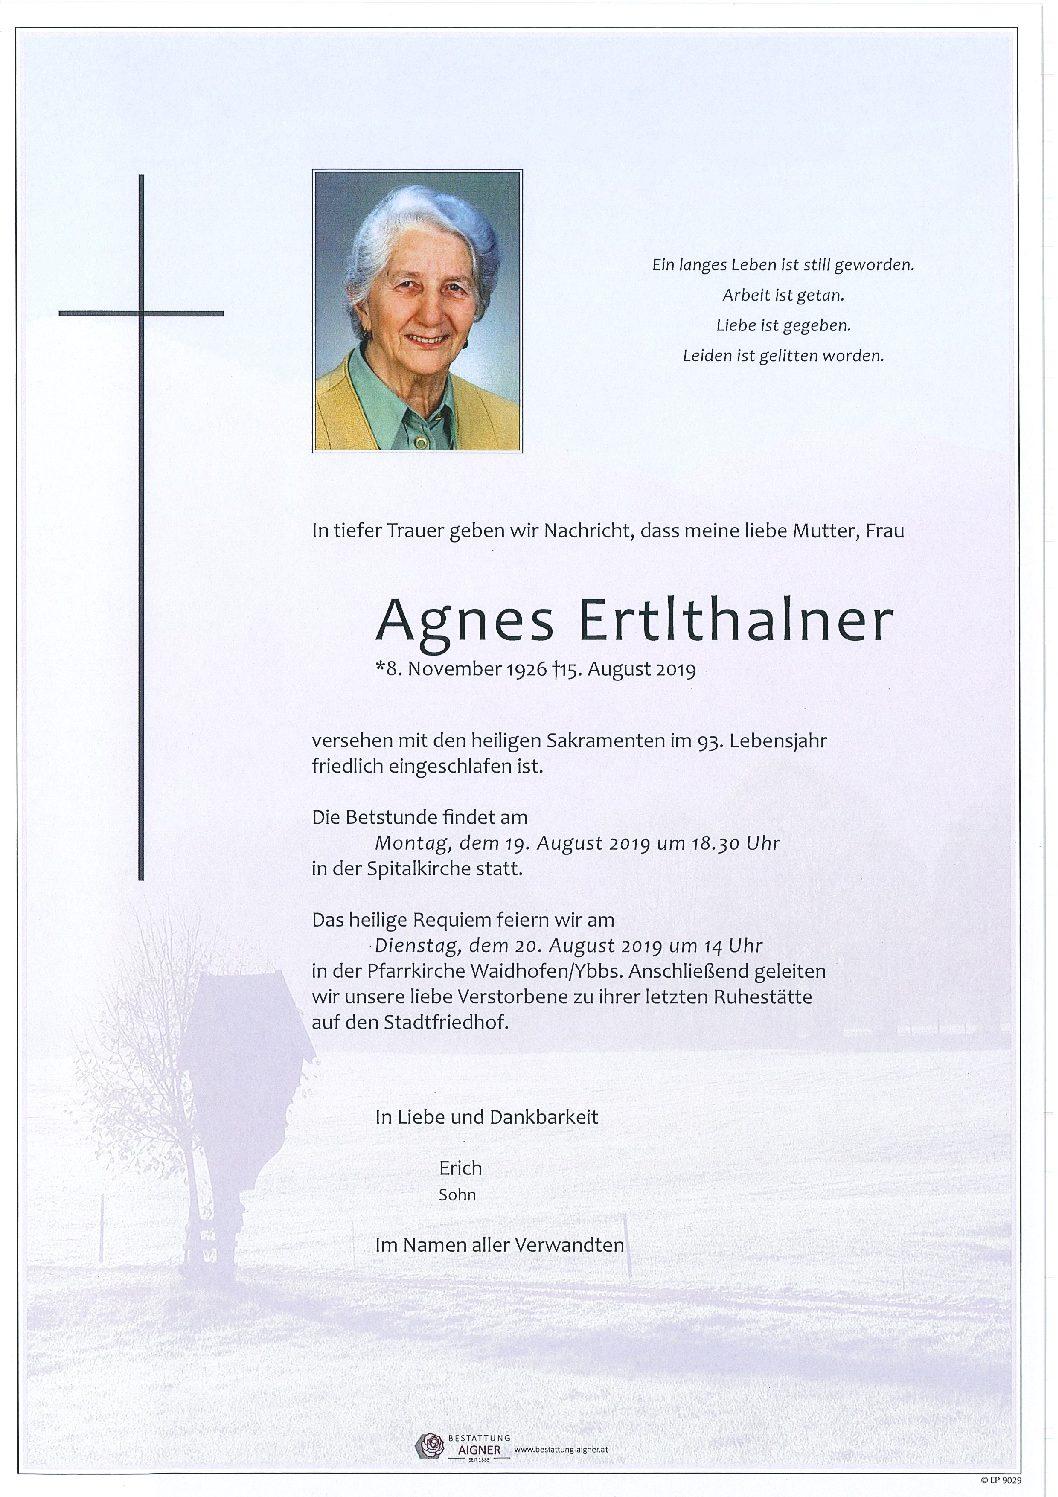 Agnes Ertlthalner